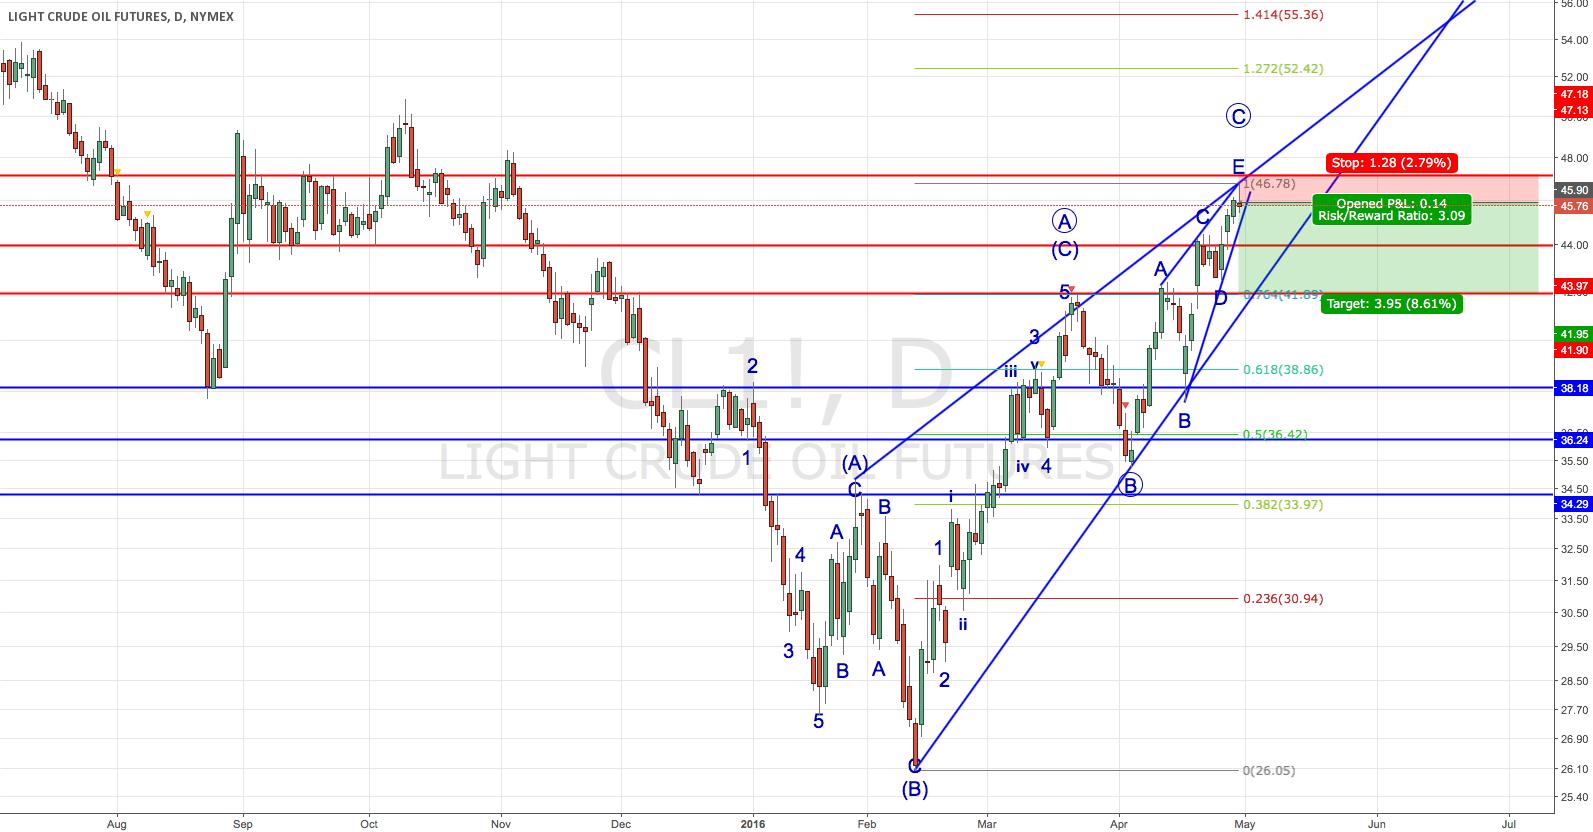 Trading 3#: Trading setup for US oil